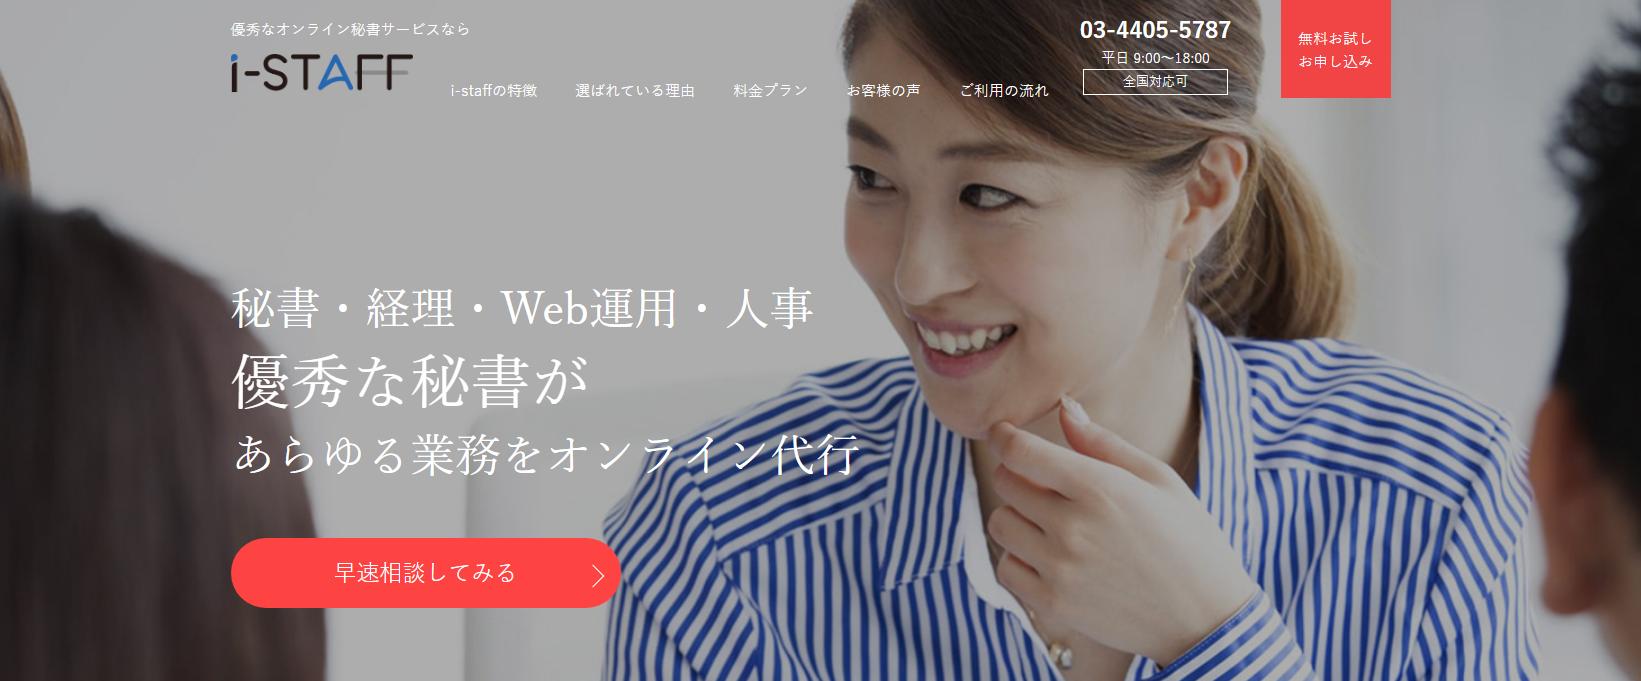 i-staff-jp